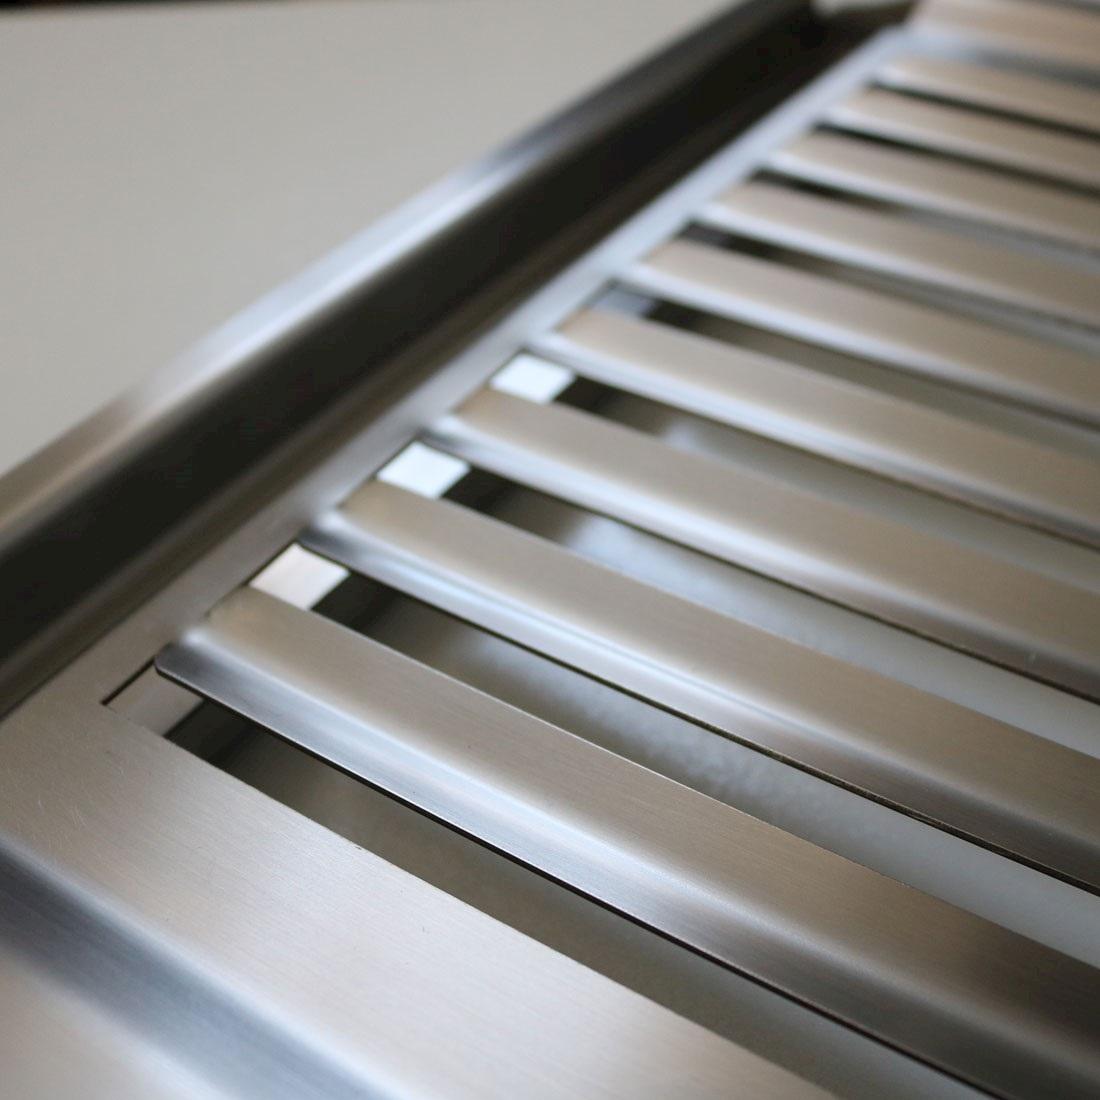 Grelha Argentina Aço Inox 430 Com Coletor de Gordura Sem Emenda 57 cm Selmetal